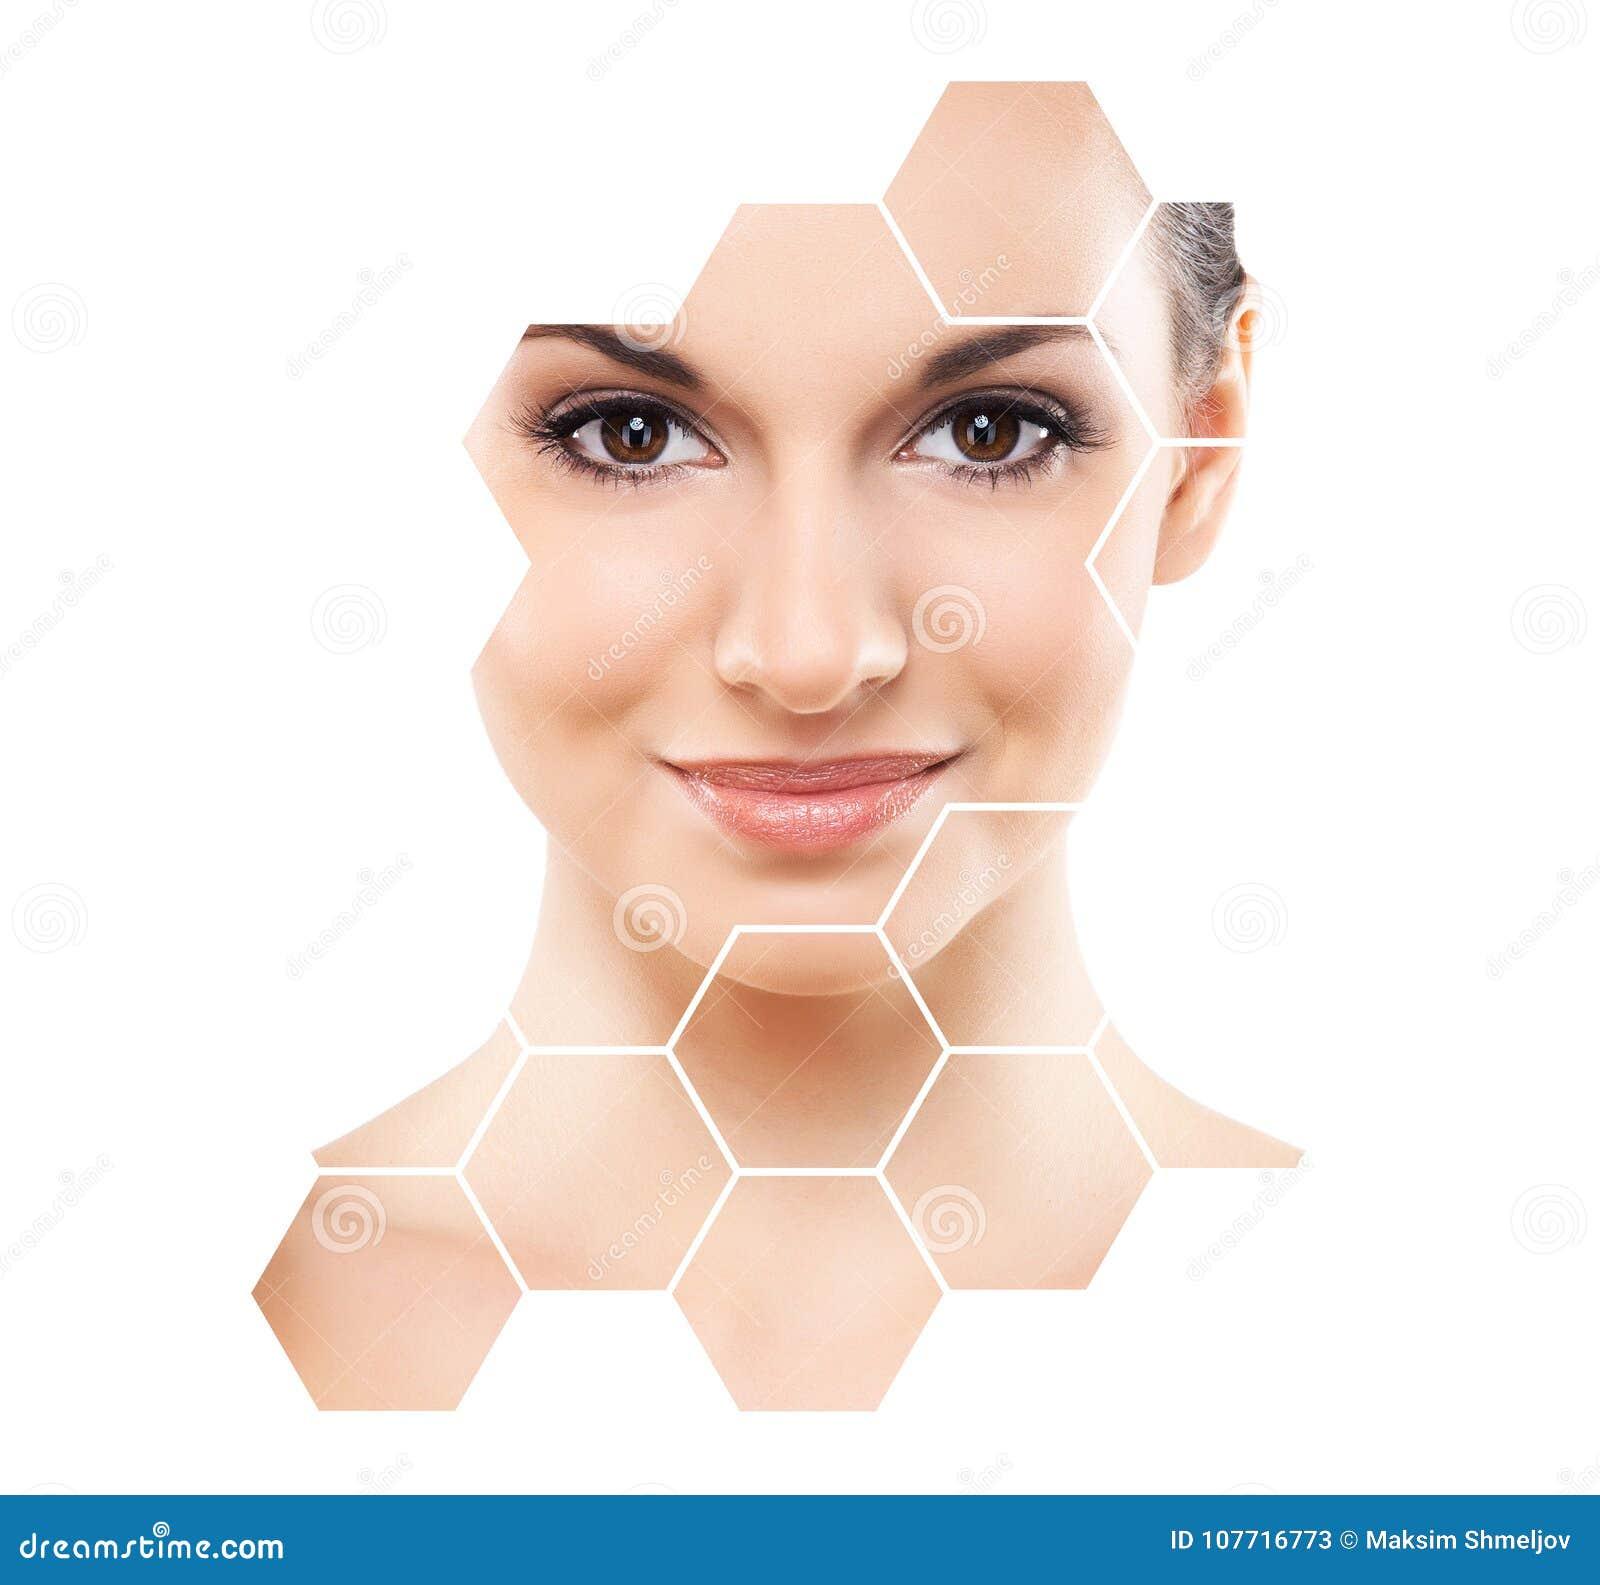 Portret van jonge, gezonde en mooie meisjesplastische chirurgie, huid, kuuroord, schoonheidsmiddelen en geneeskundeconcept die op